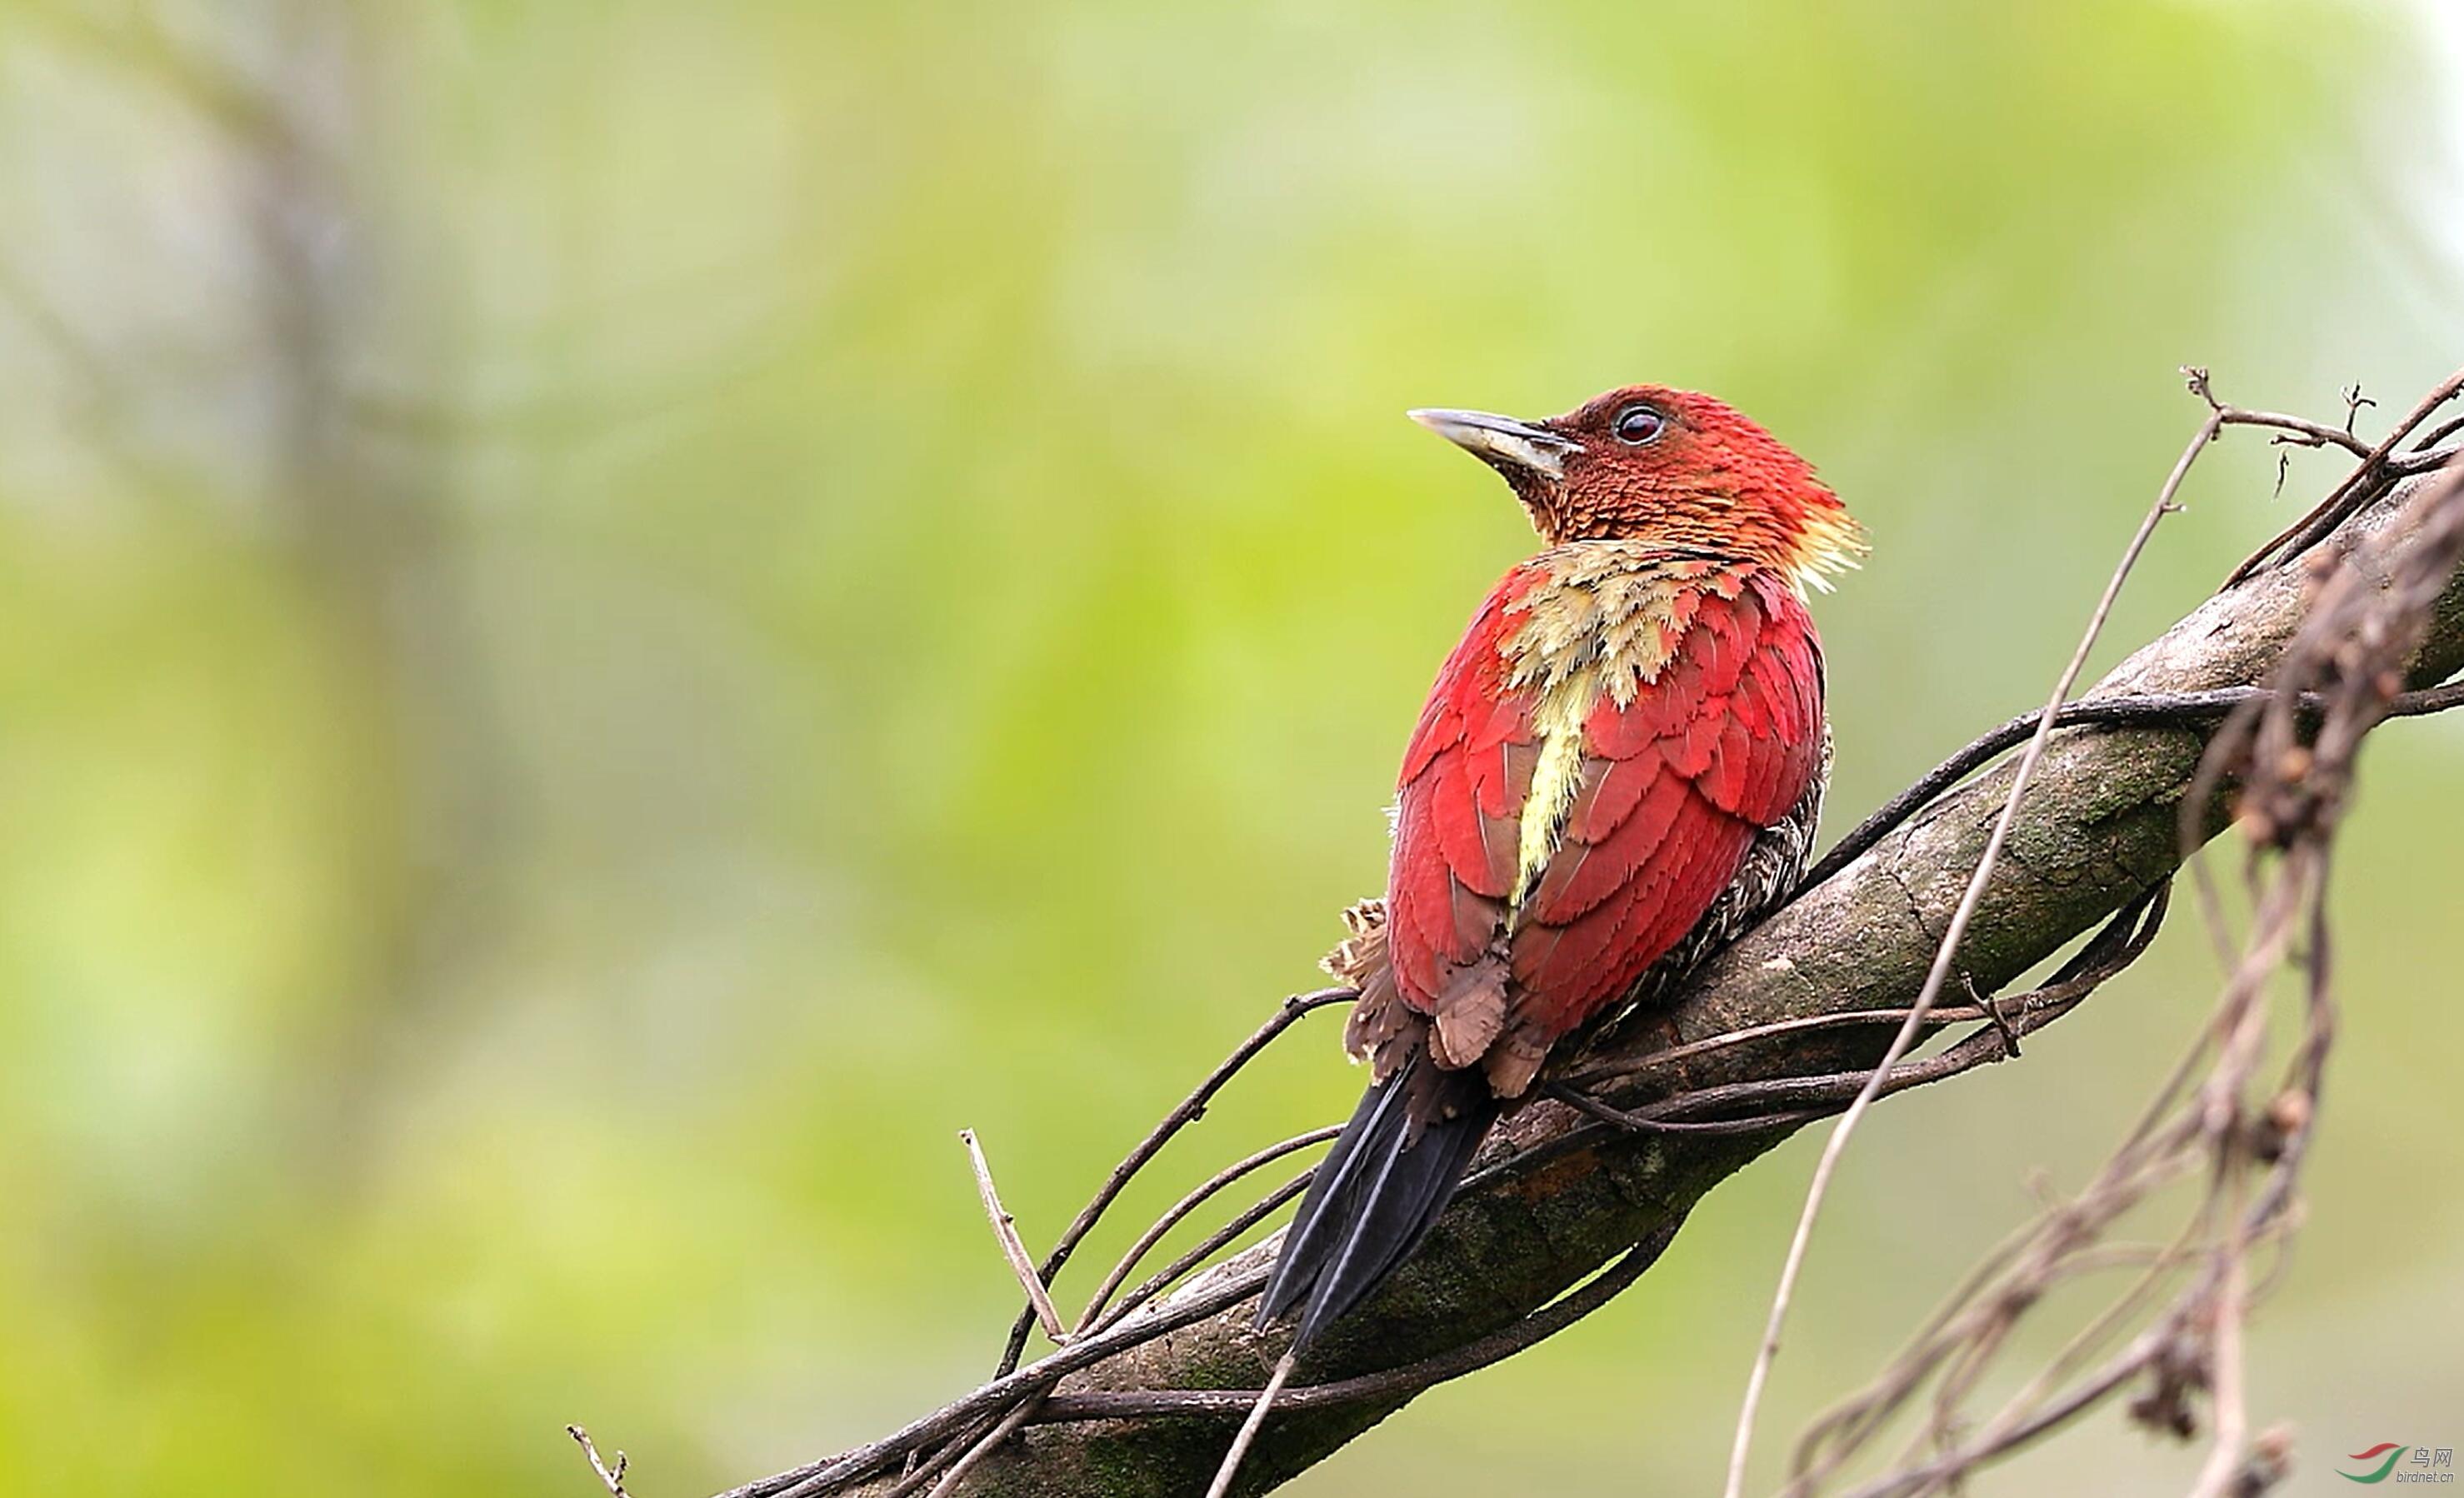 镶红绿啄木鸟视频截图.jpg